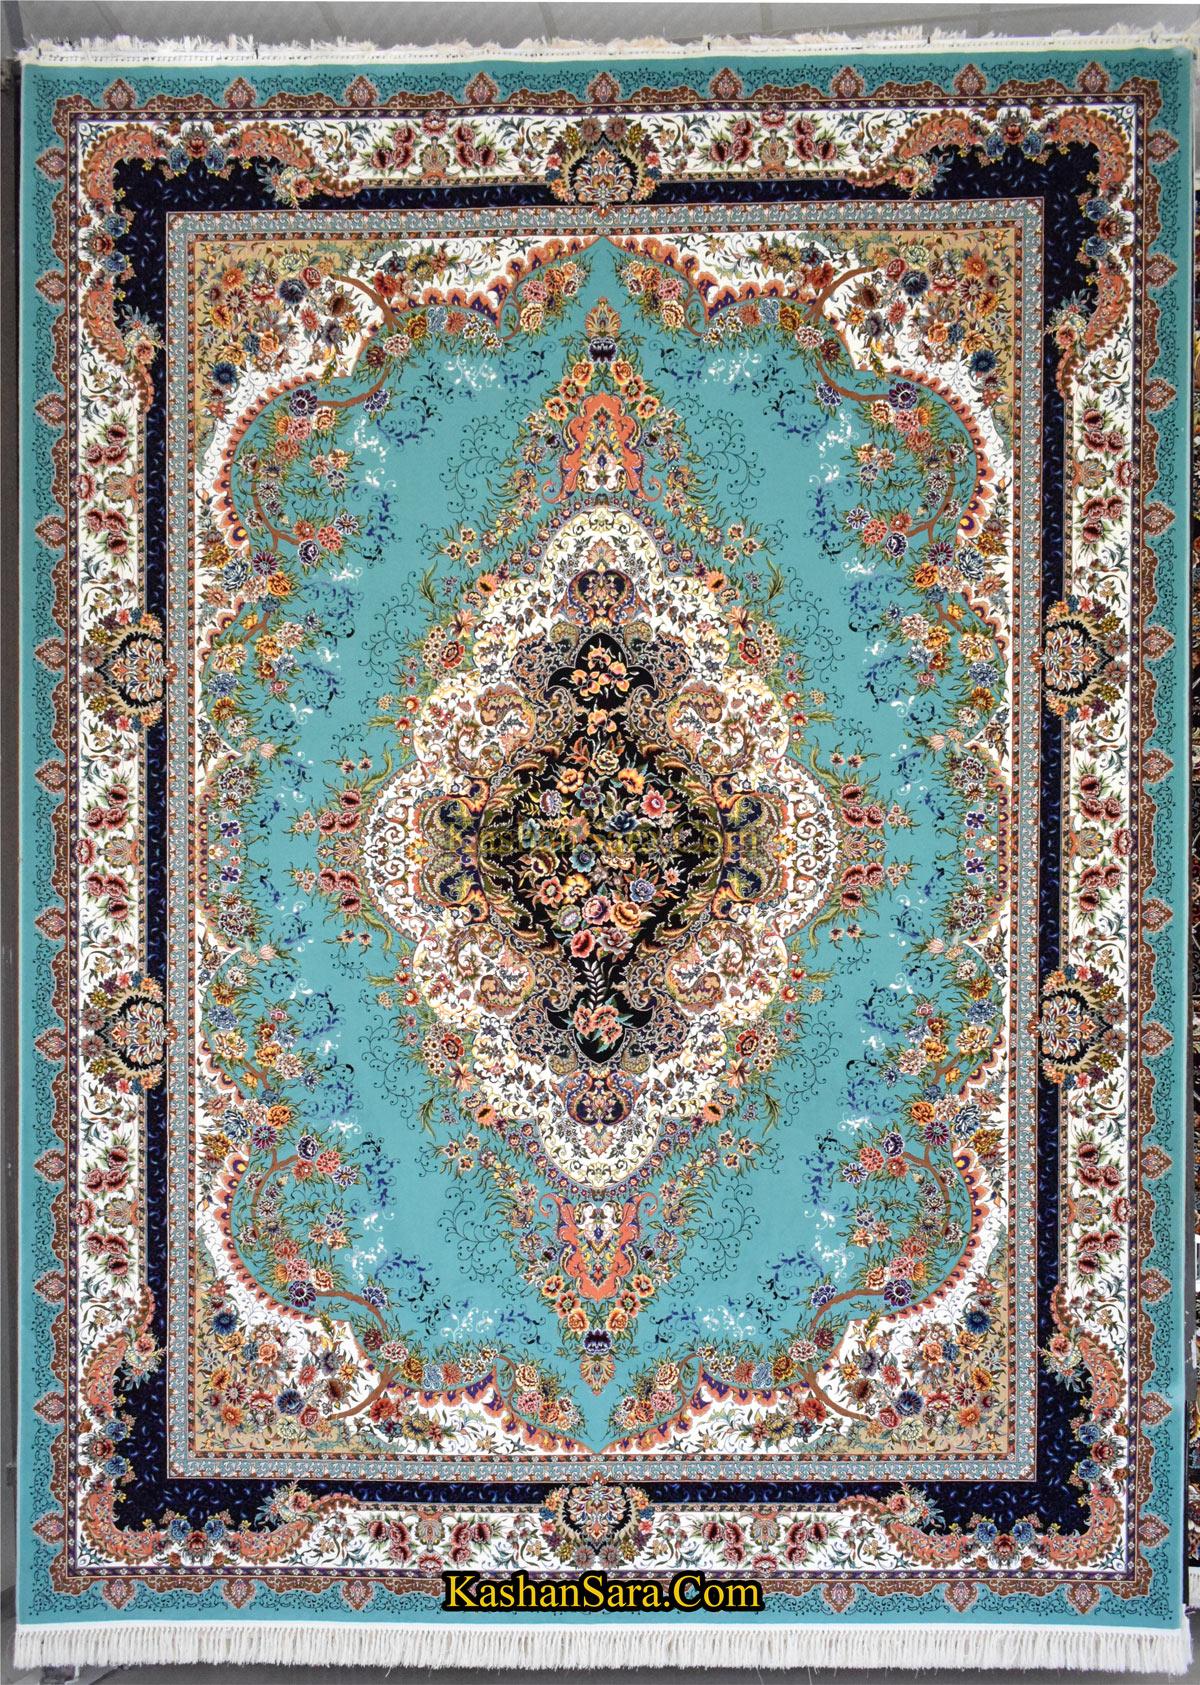 فرش طرح مستان-۱۰۰۰ شانه تراکم ۳۰۰۰-